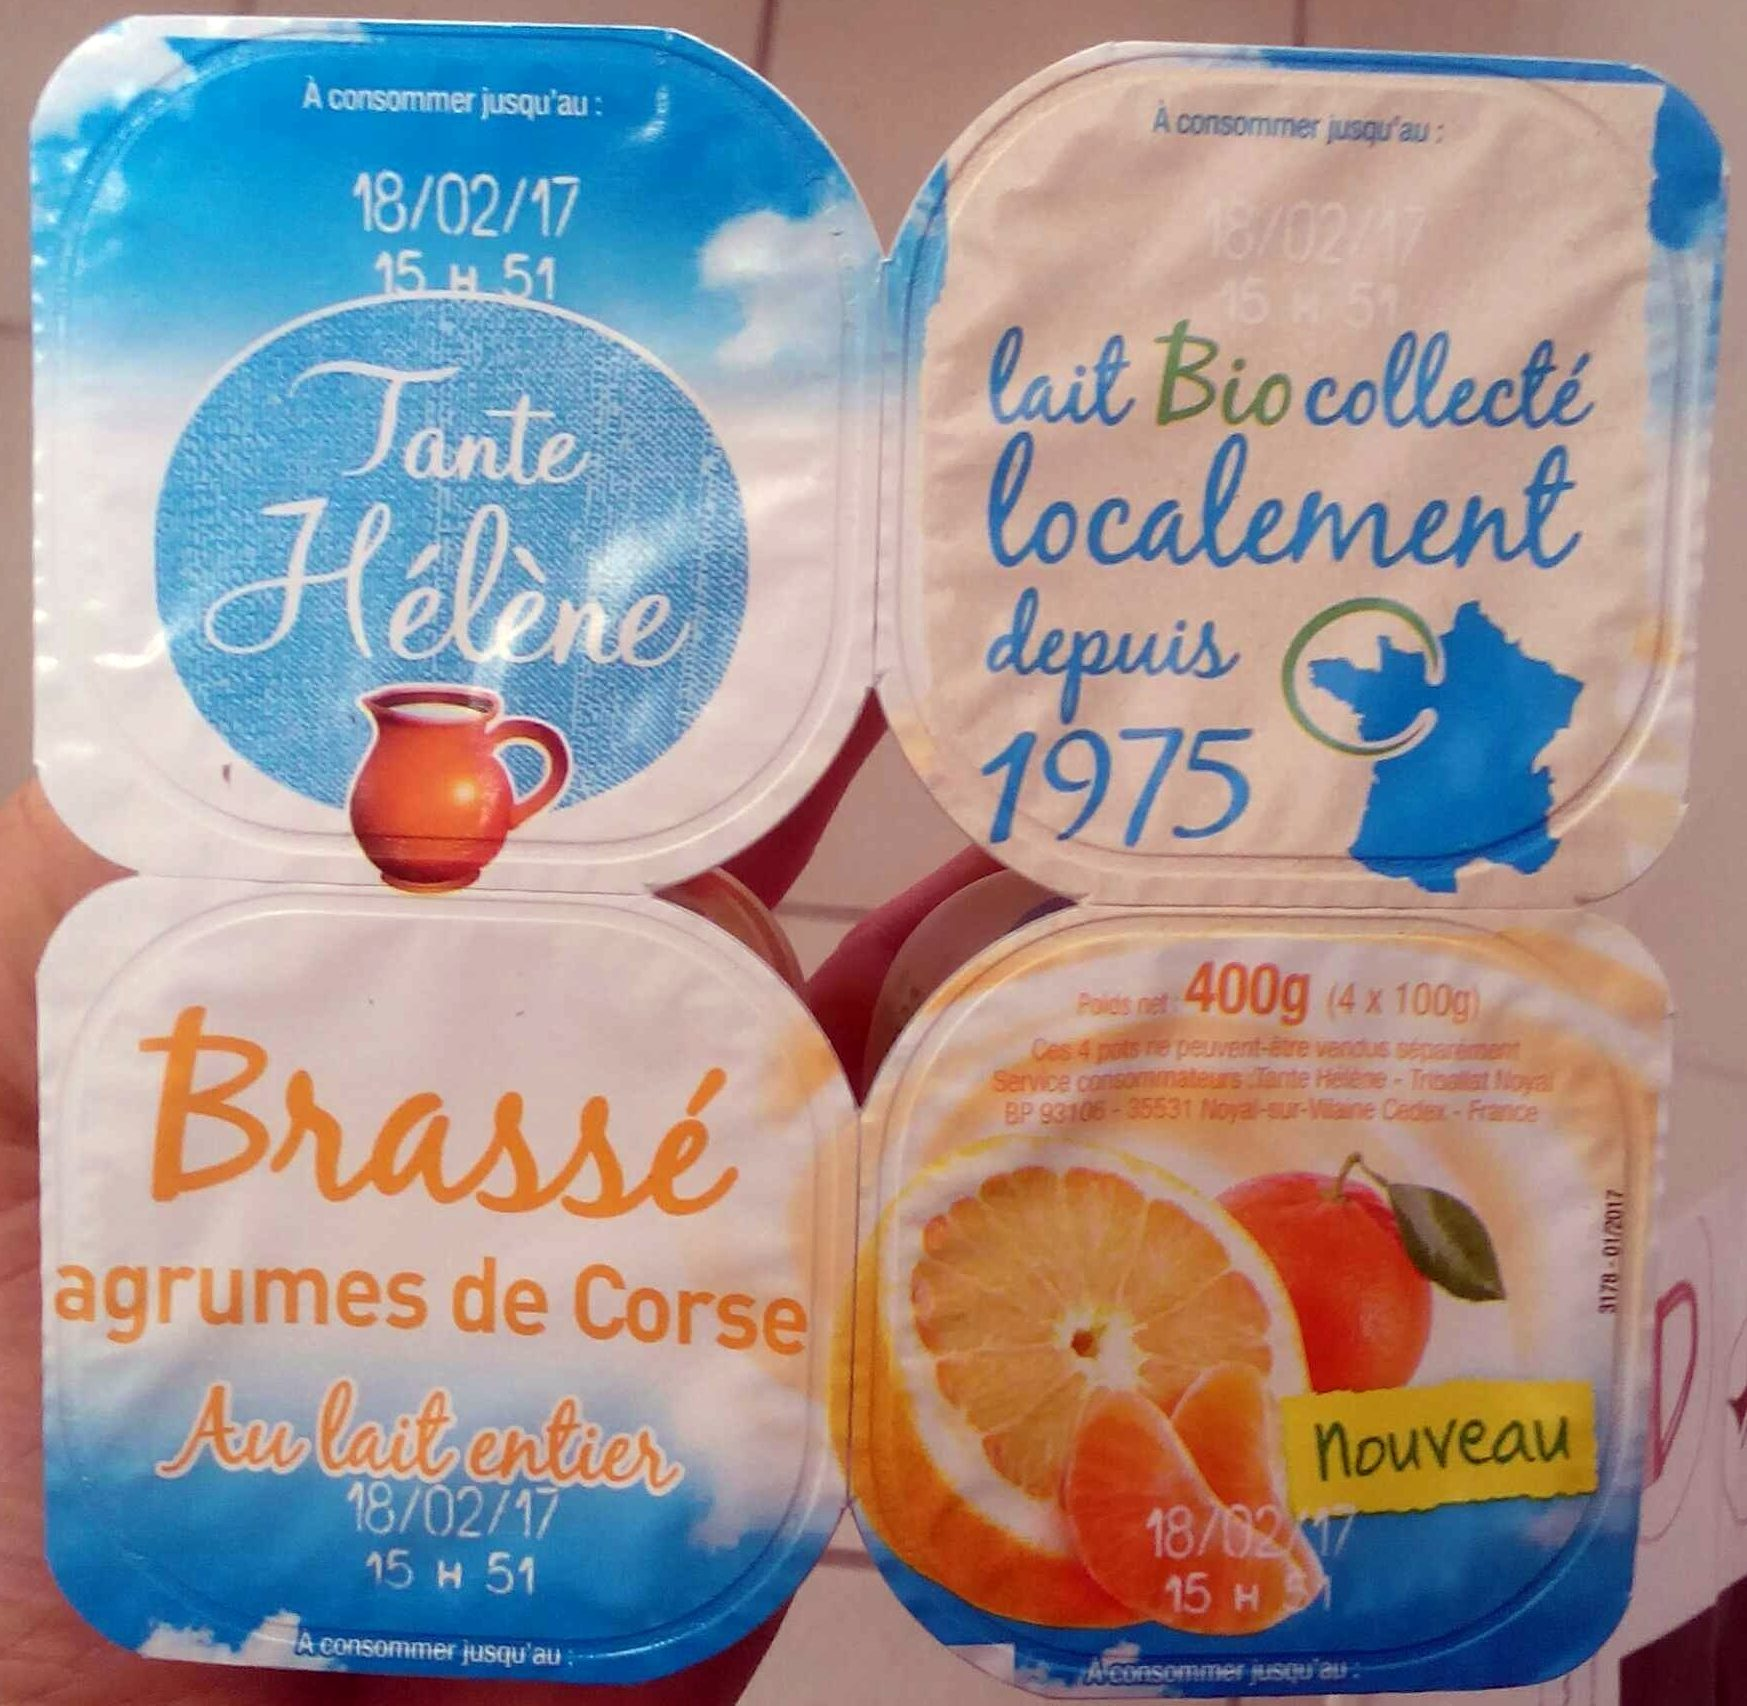 Brassé agrumes de Corse au lait entier - Produit